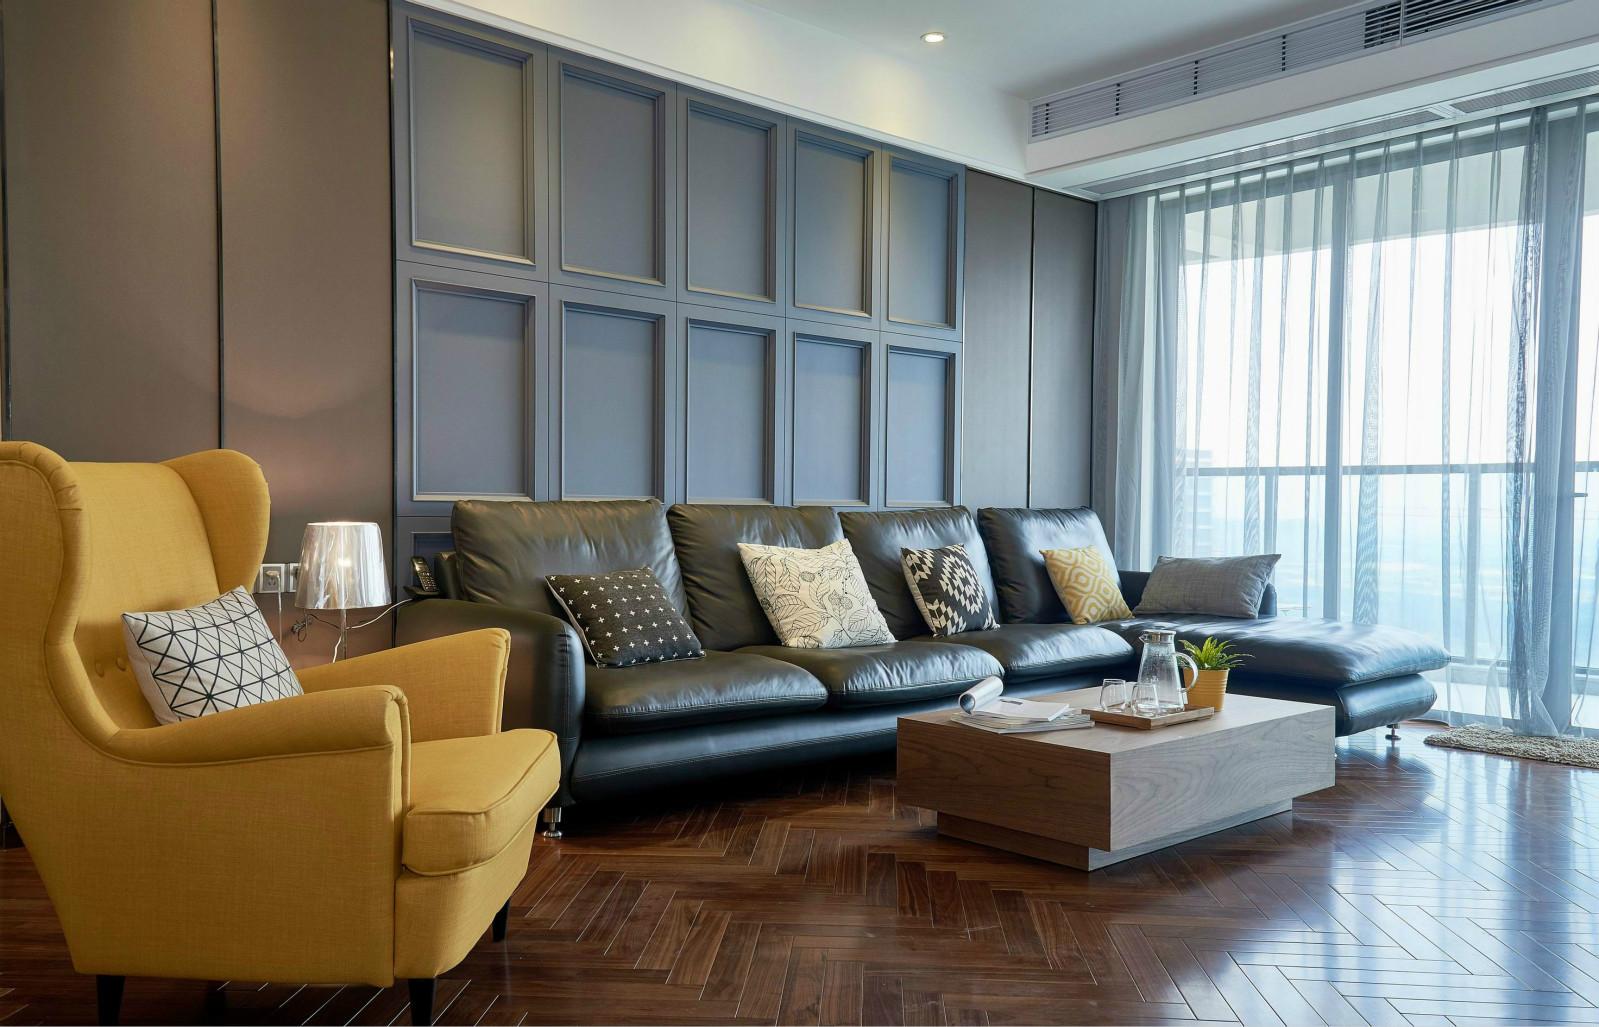 客厅还是比较简约大气的,黑色皮质沙发以及木质茶几很是简洁